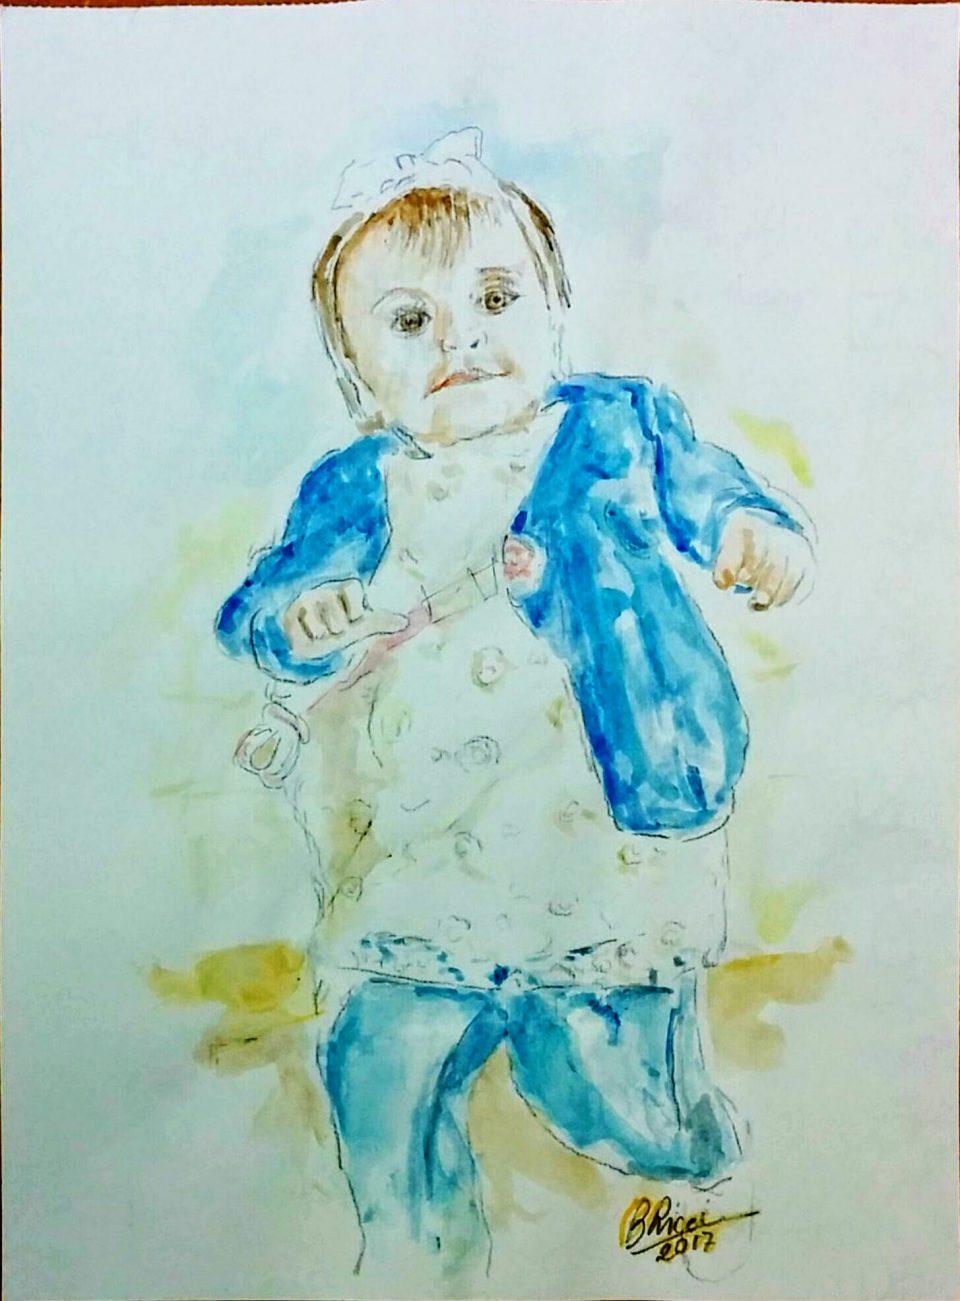 La nipotina Anna acquarello 2017